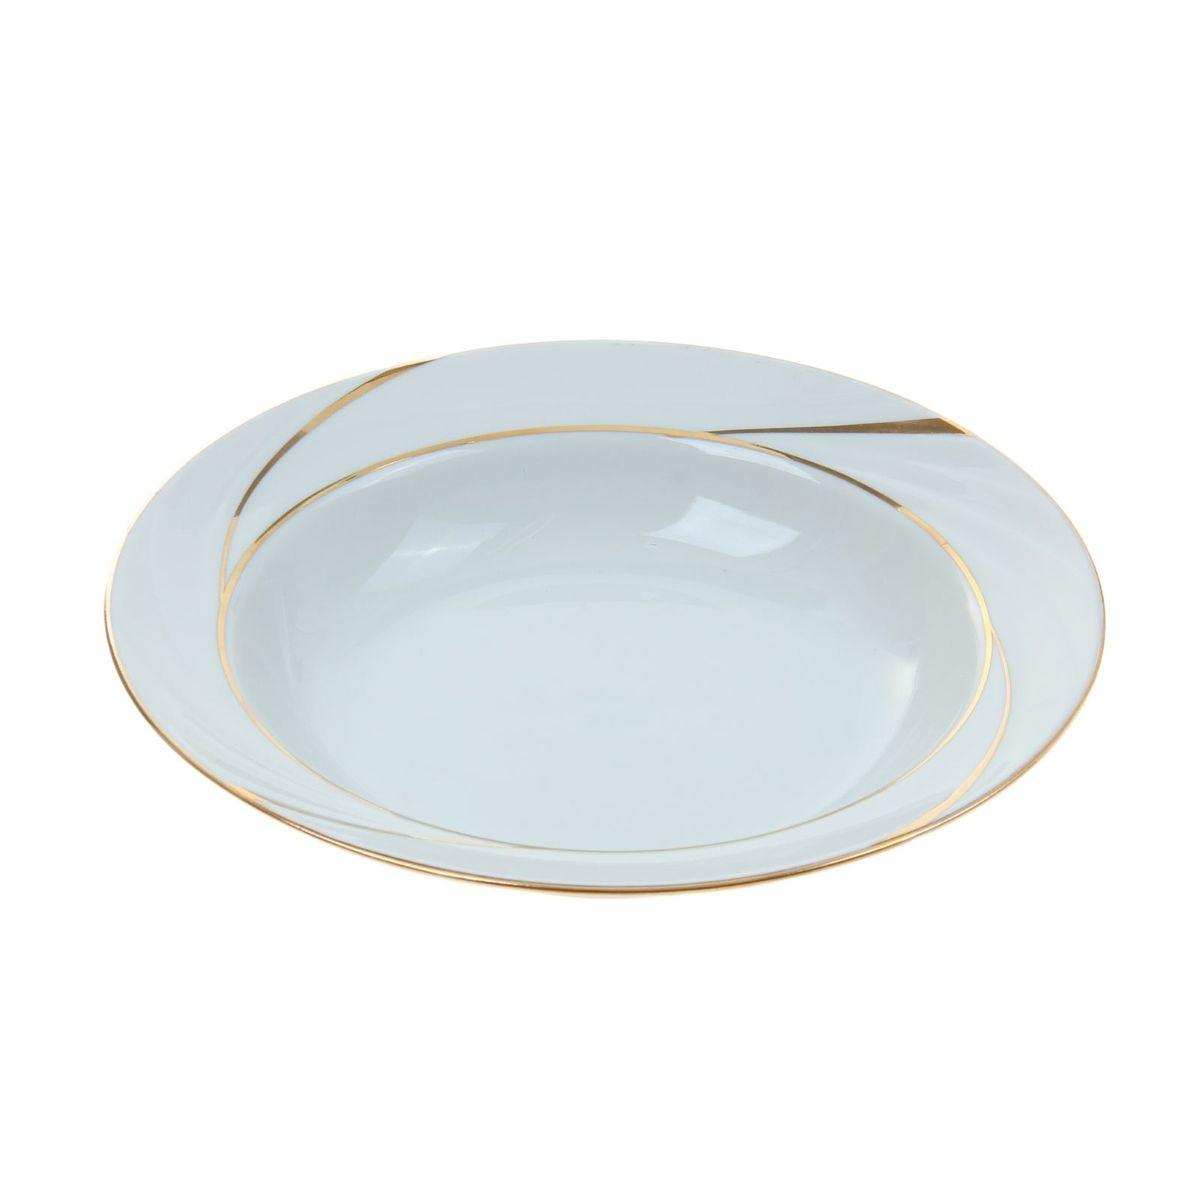 Тарелка глубокая Голубка. Бомонд, диаметр 22 см54 009312Глубокая тарелка Голубка. Бомонд выполнена из высококачественного фарфора. Она прекрасно впишется в интерьер вашей кухни и станет достойным дополнением к кухонному инвентарю. Тарелка Голубка. Бомонд подчеркнет прекрасный вкус хозяйки и станет отличным подарком.